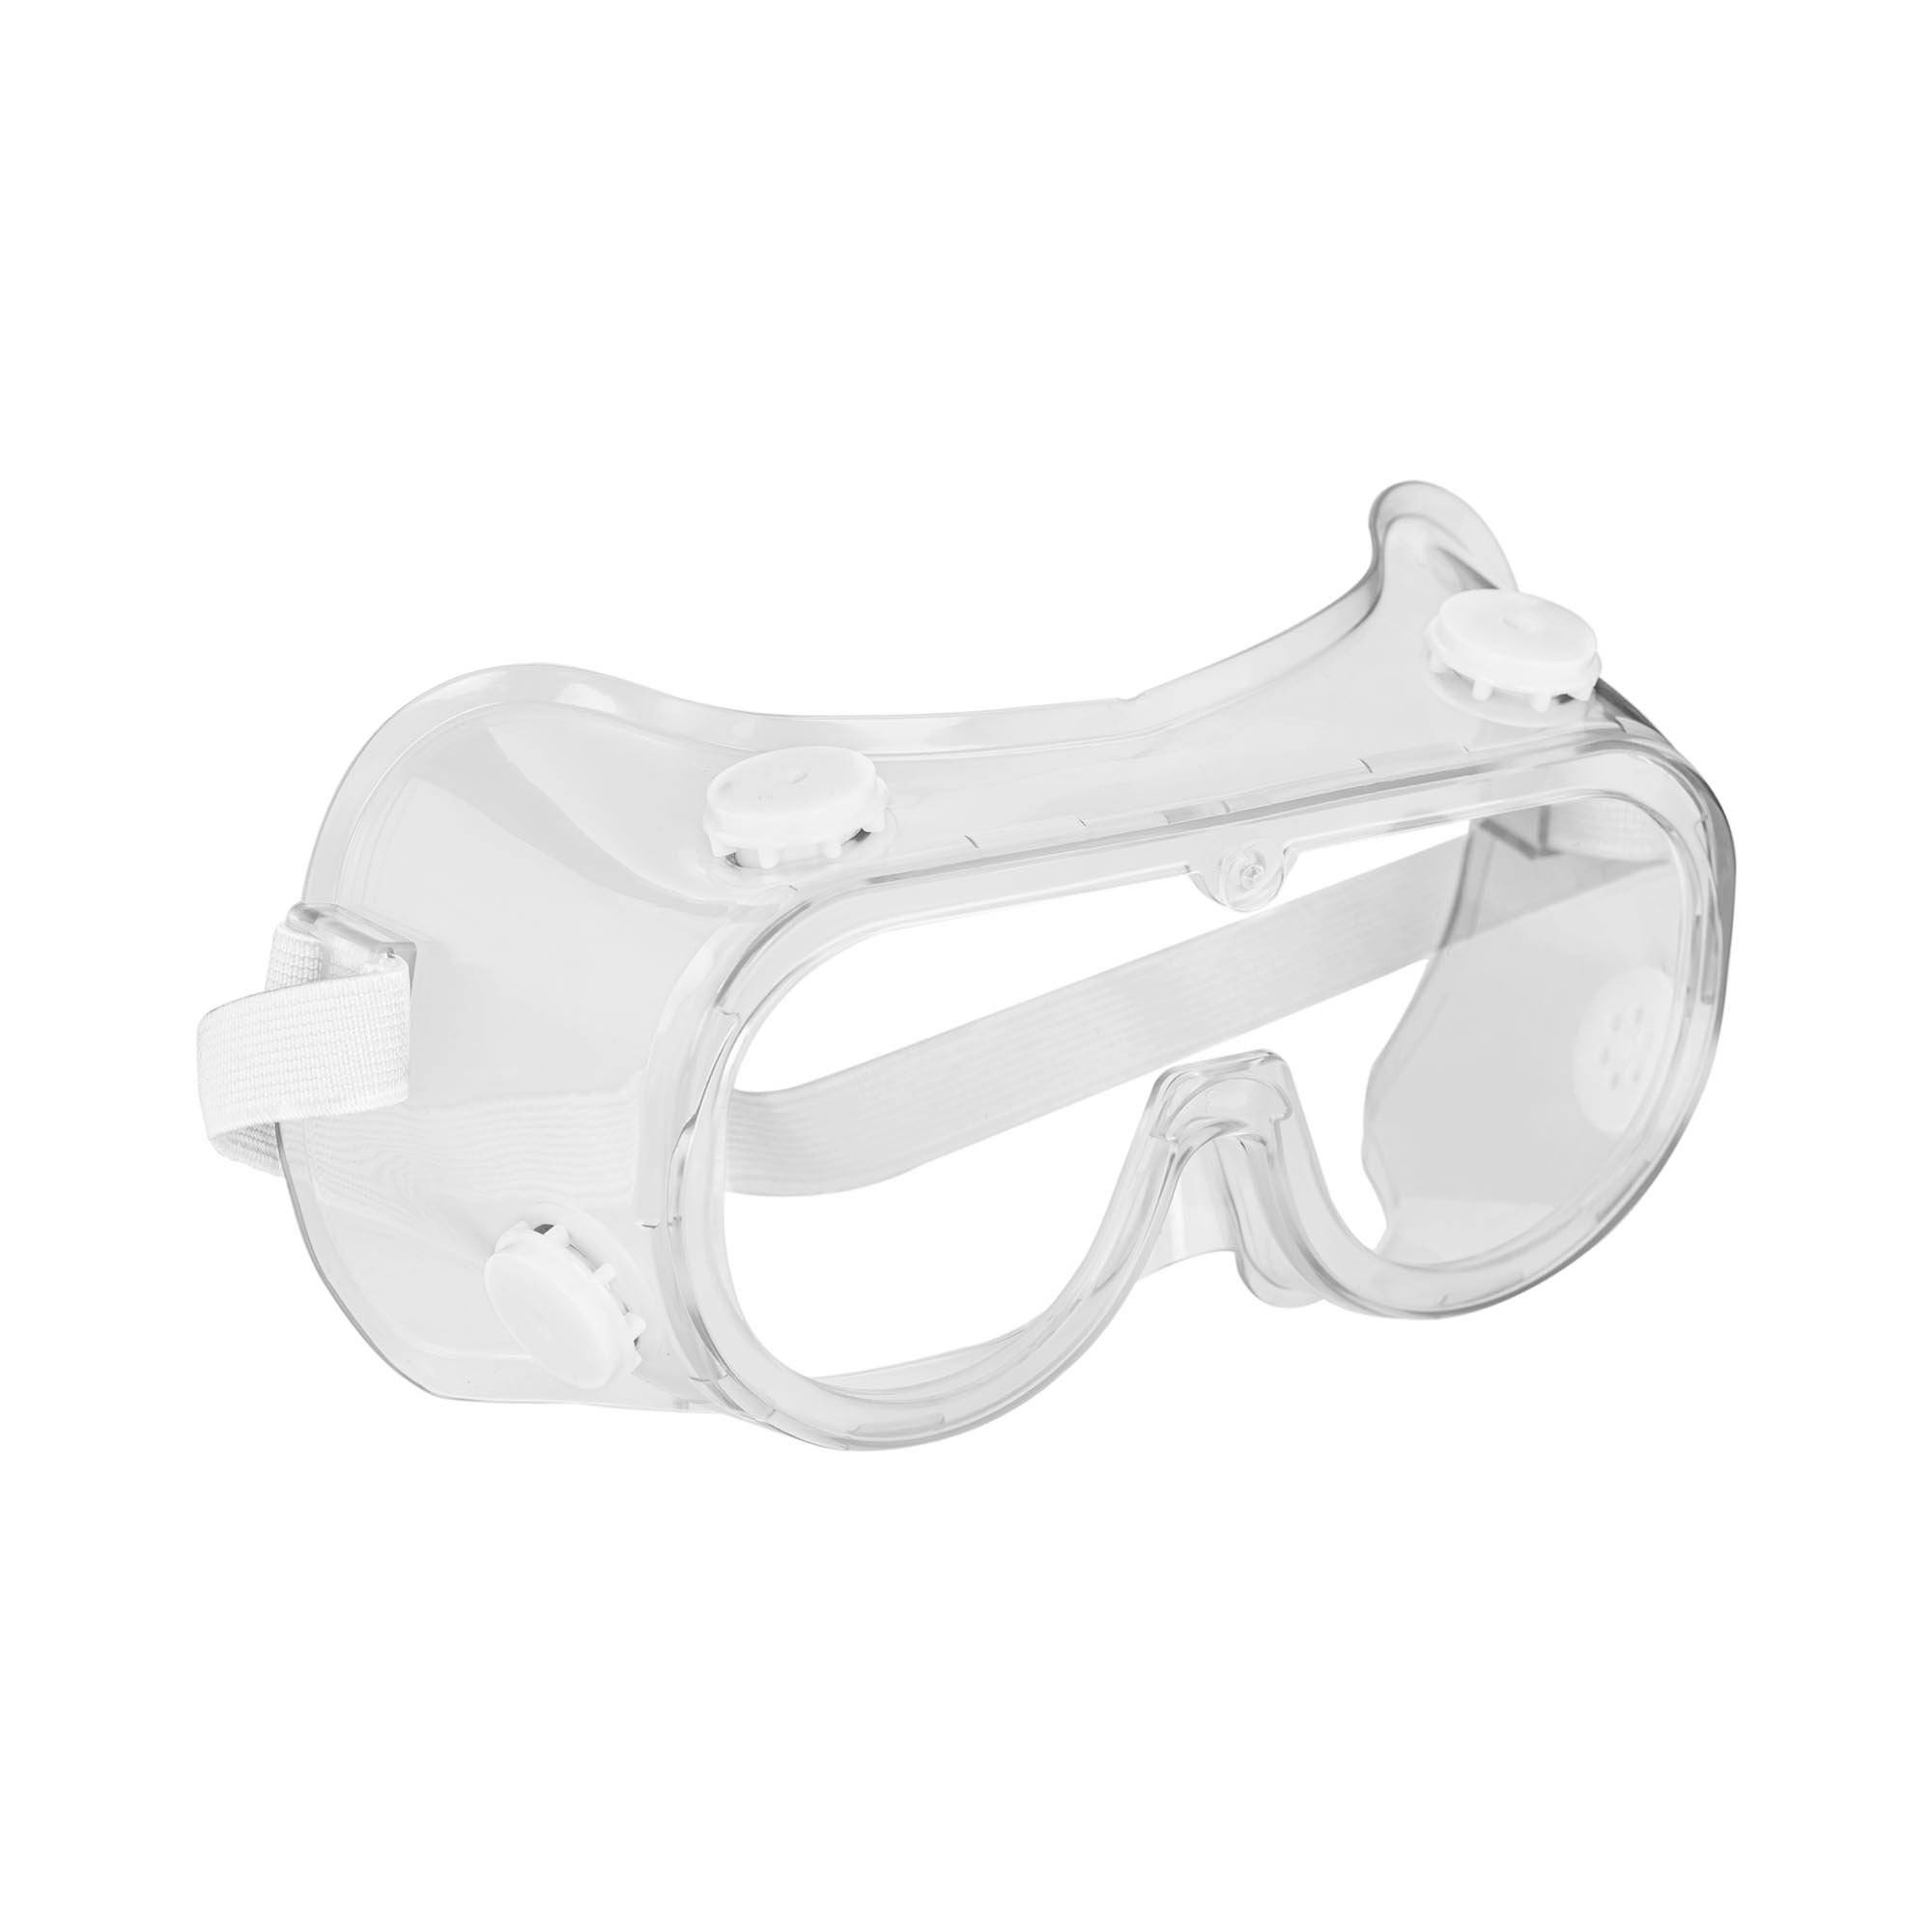 MSW Beskyttelsesbriller - sett på 3 stk. - gjennomsiktig - one size 10061340